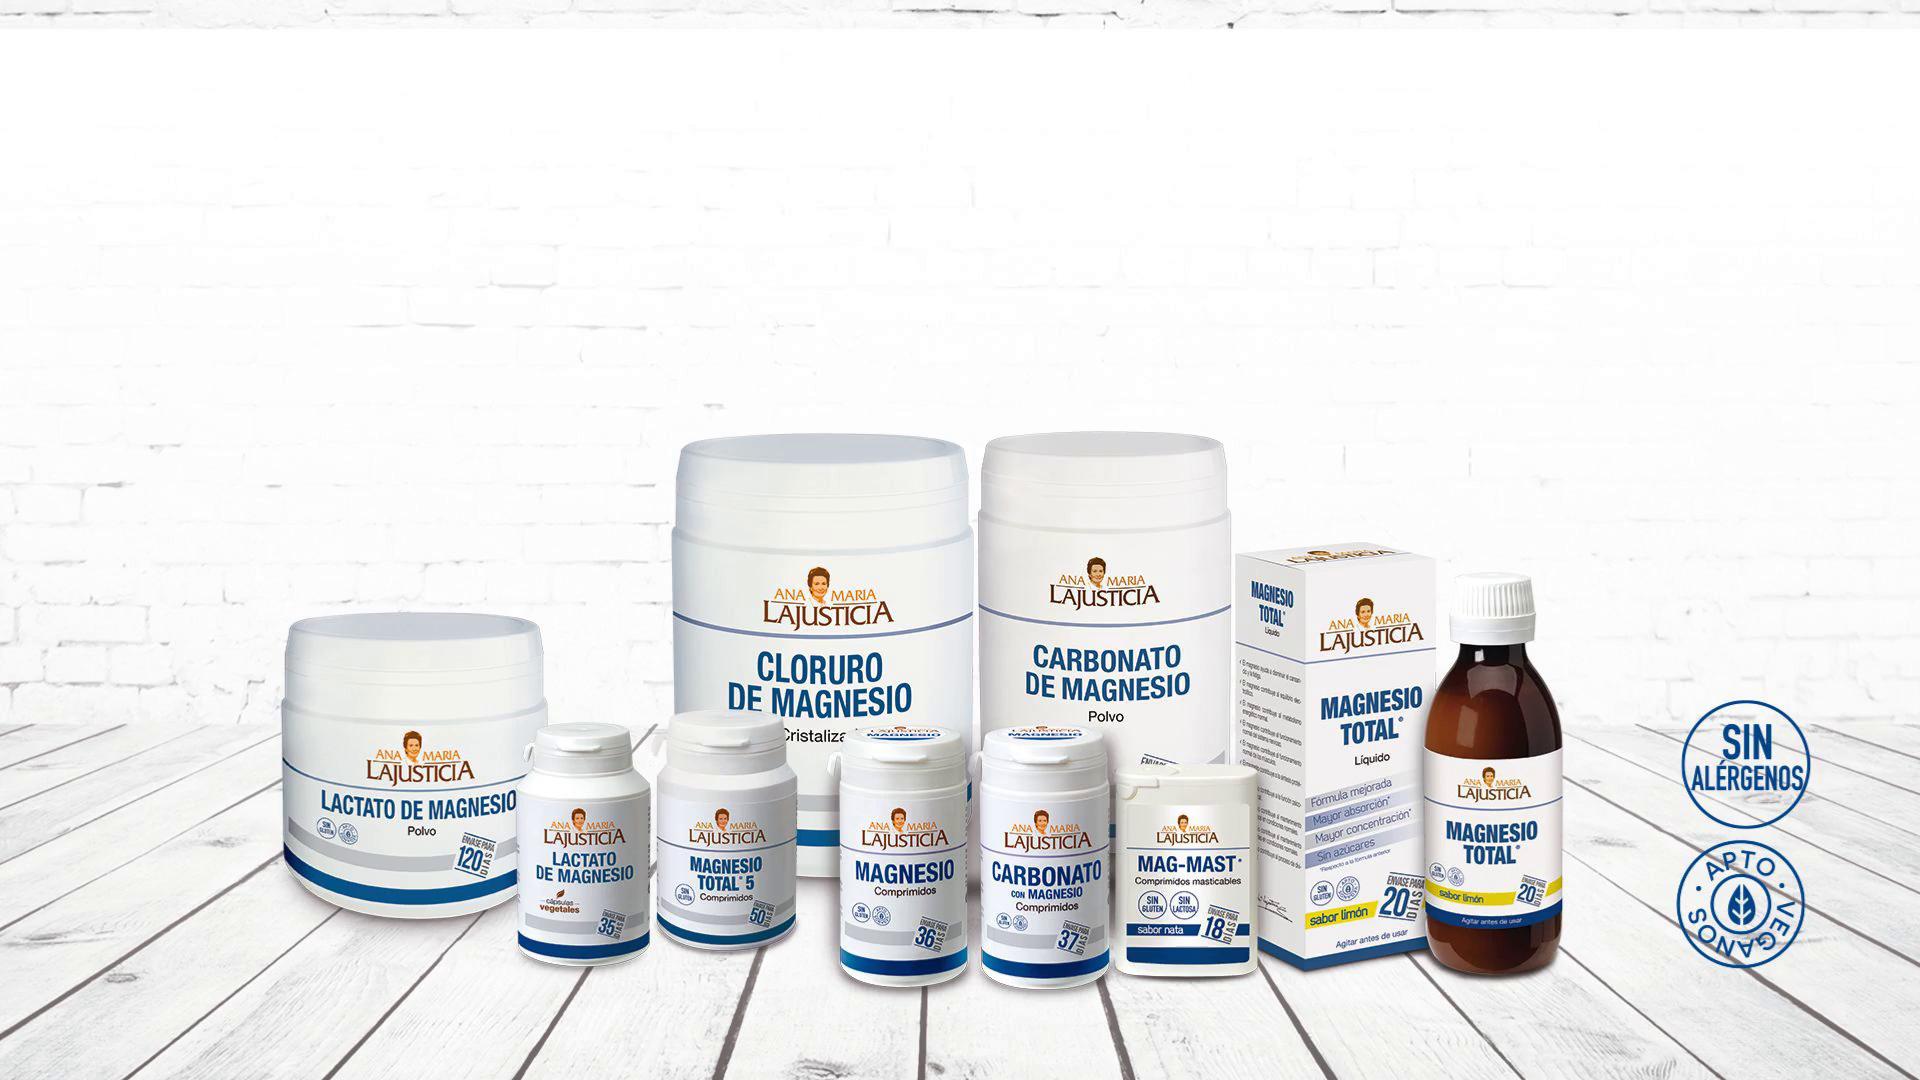 Ana Maria Lajusticia - Carbonato de magnesio – 180 gr. Disminuye el cansancio y la fatiga, mejora el funcionamiento del sistema nervioso. Apto para veganos. Envase para 150 días de tratamiento.: Amazon.es: